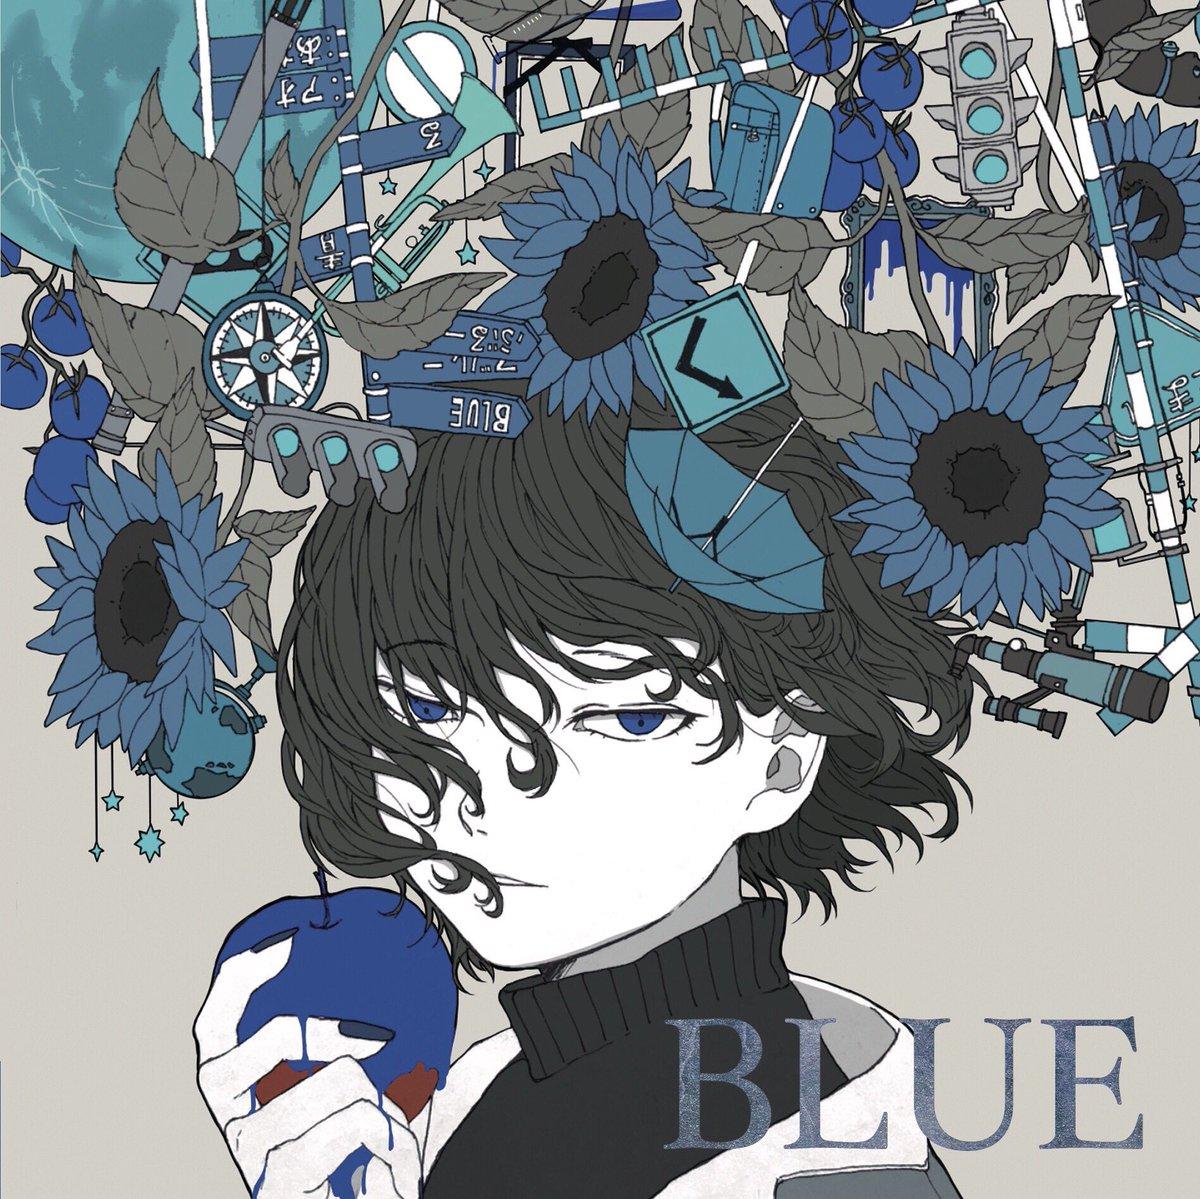 【NEWS】 るのコンピ、詳細&ジャケット公開です! ・タイトル&アーティスト『BLUE』 by  ルノツドイ・ジャケットアートワーク白咲まぐる(@maguru_white) VOCALOID